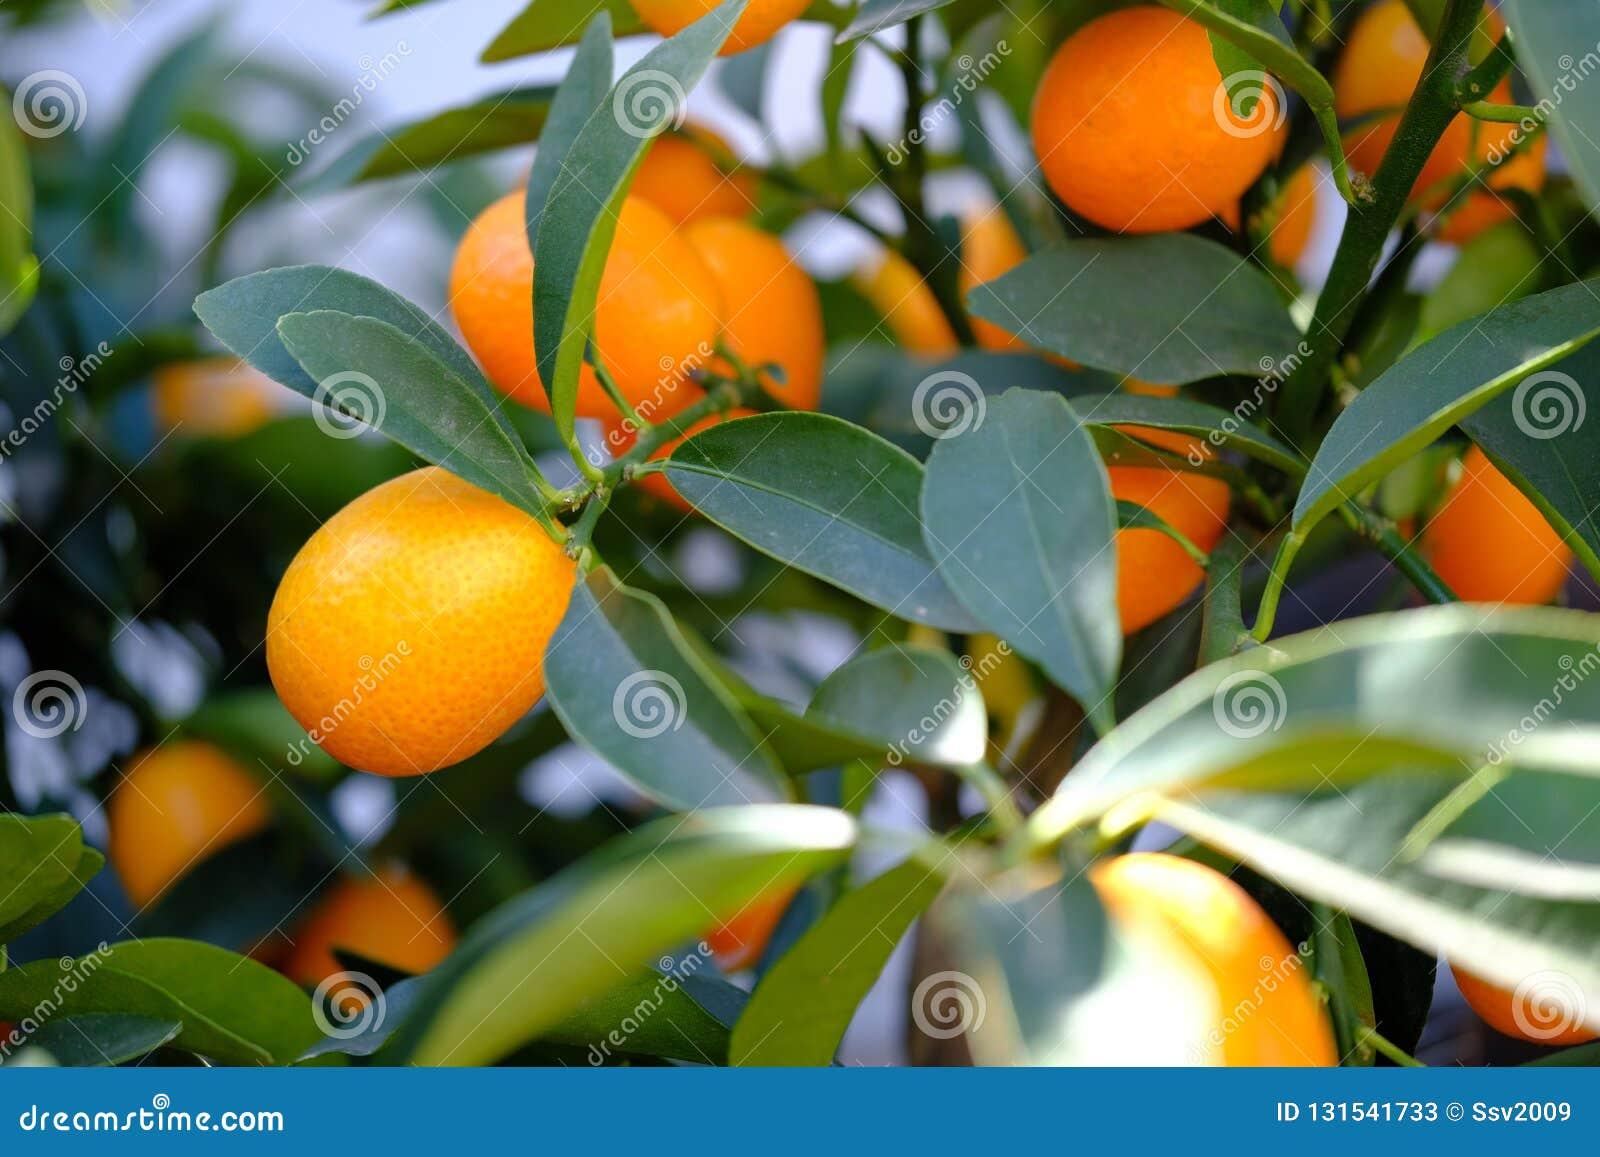 Mogna orange mandariner på filialerna med gröna sidor